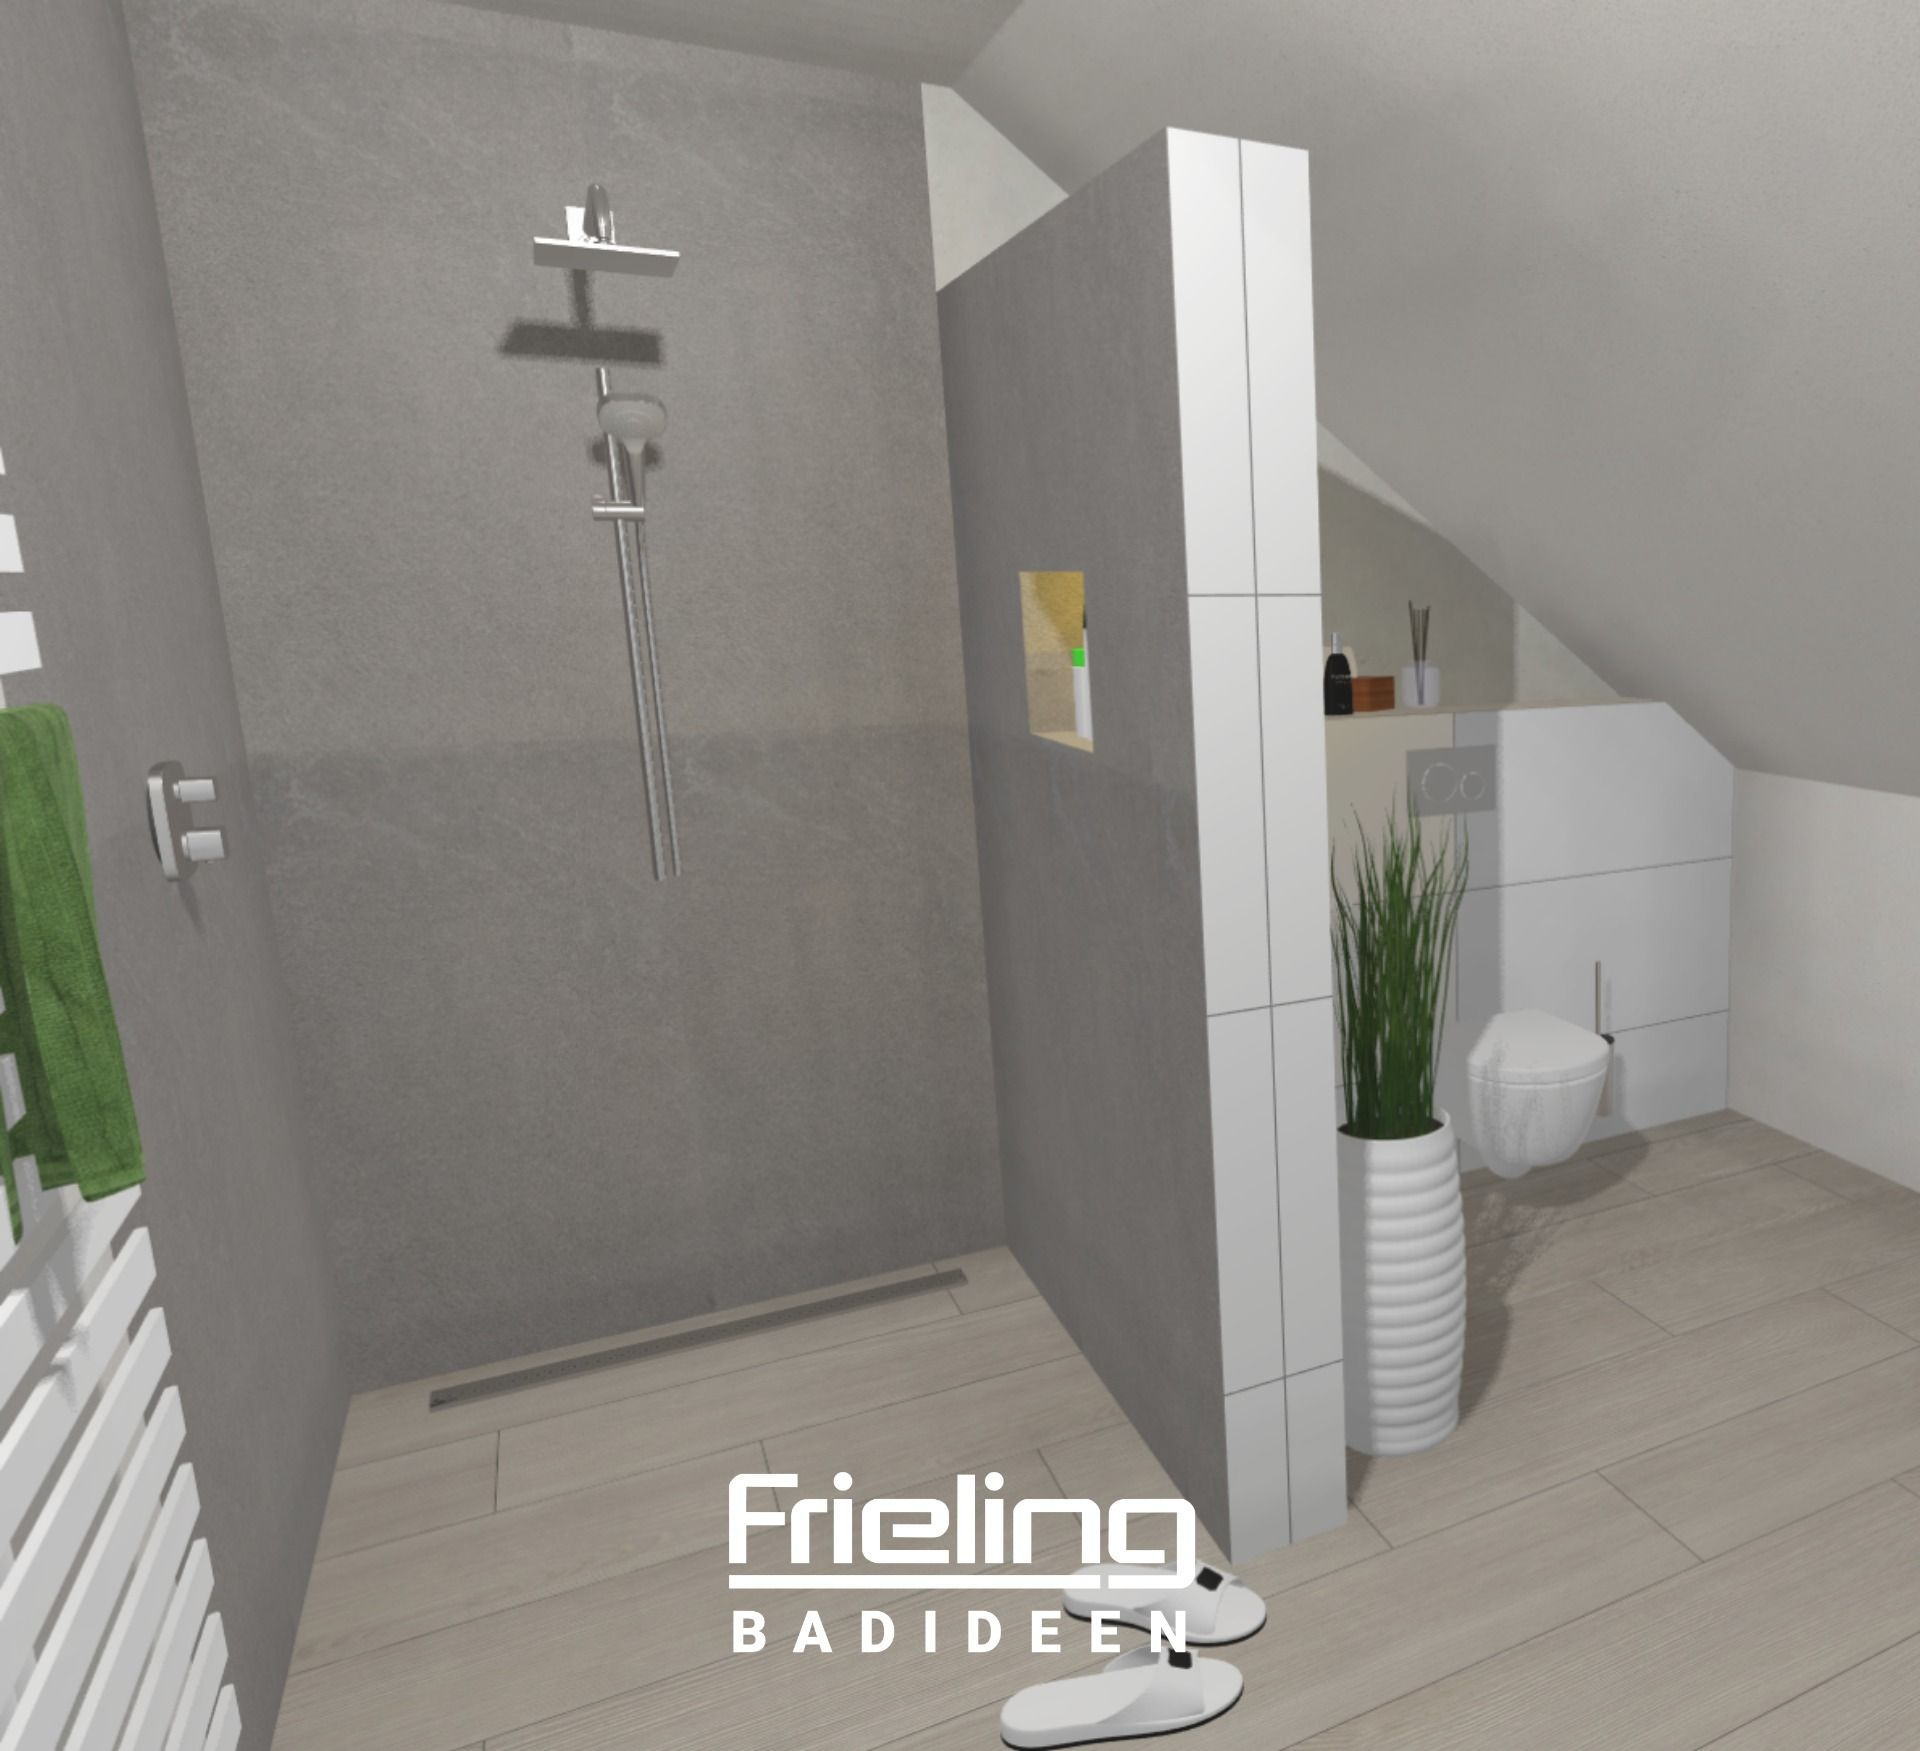 Dachausbau Badezimmer Im Dachgeschoss Schragen Optimal Im Bad Nutzen Badlosung Auf 13 Qm In 2020 Badezimmer Dachgeschoss Bad Mit Dachschrage Badezimmer